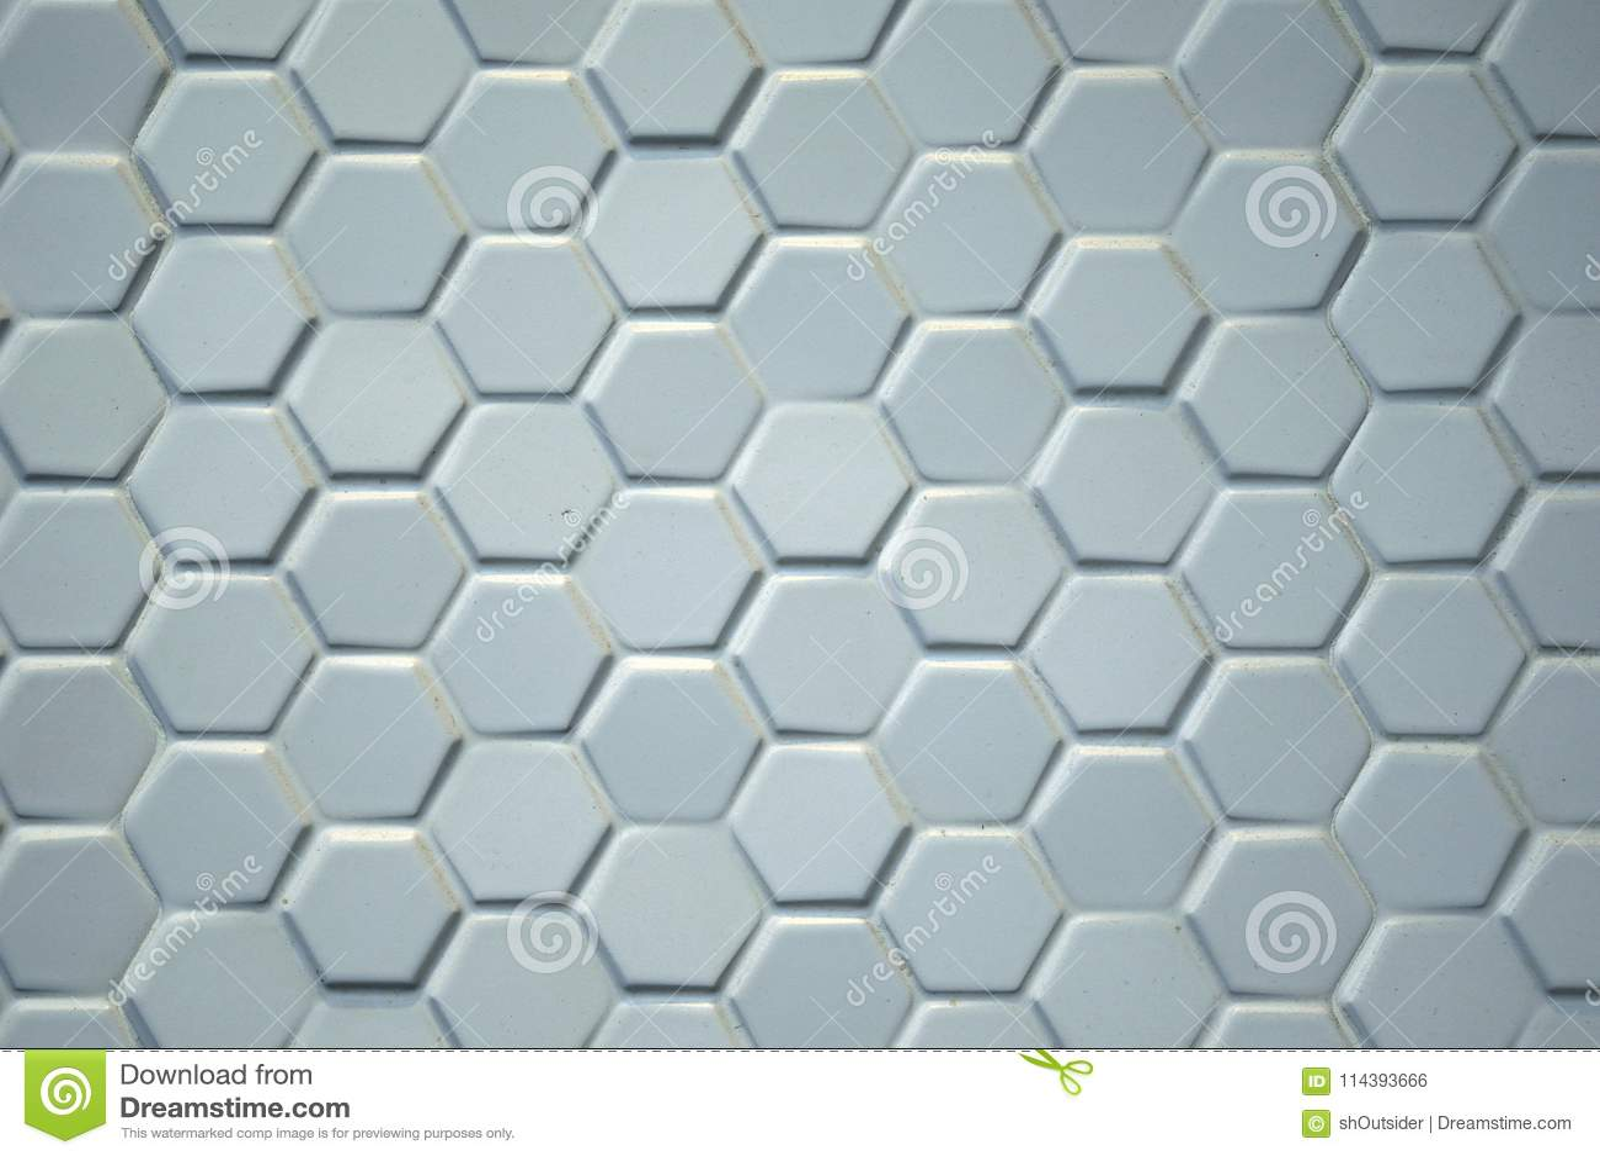 Detail Of Light Gray Hexagonal Ceramic Tiles Stock Photo Image Of